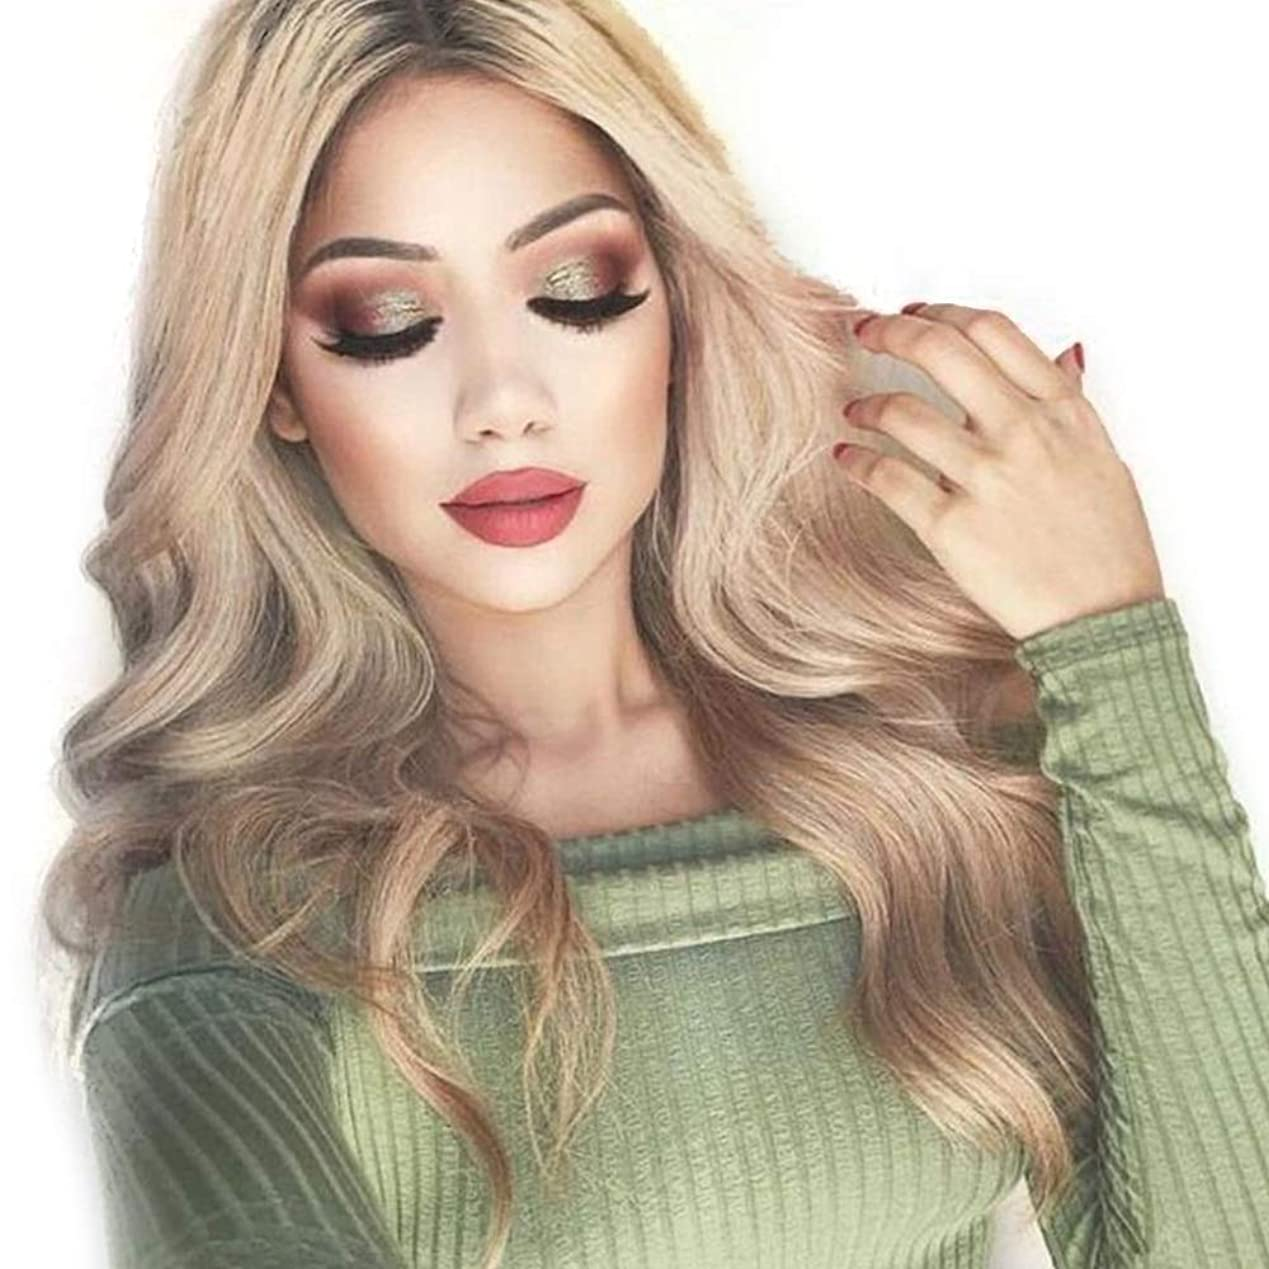 シャワー高層ビル疼痛YESONEEP 女性のための長い巻き毛を持つ高温シルクケミカルファイバーかつら合成毛髪のかつらロールプレイングかつら (色 : Photo Color, サイズ : 65cm)